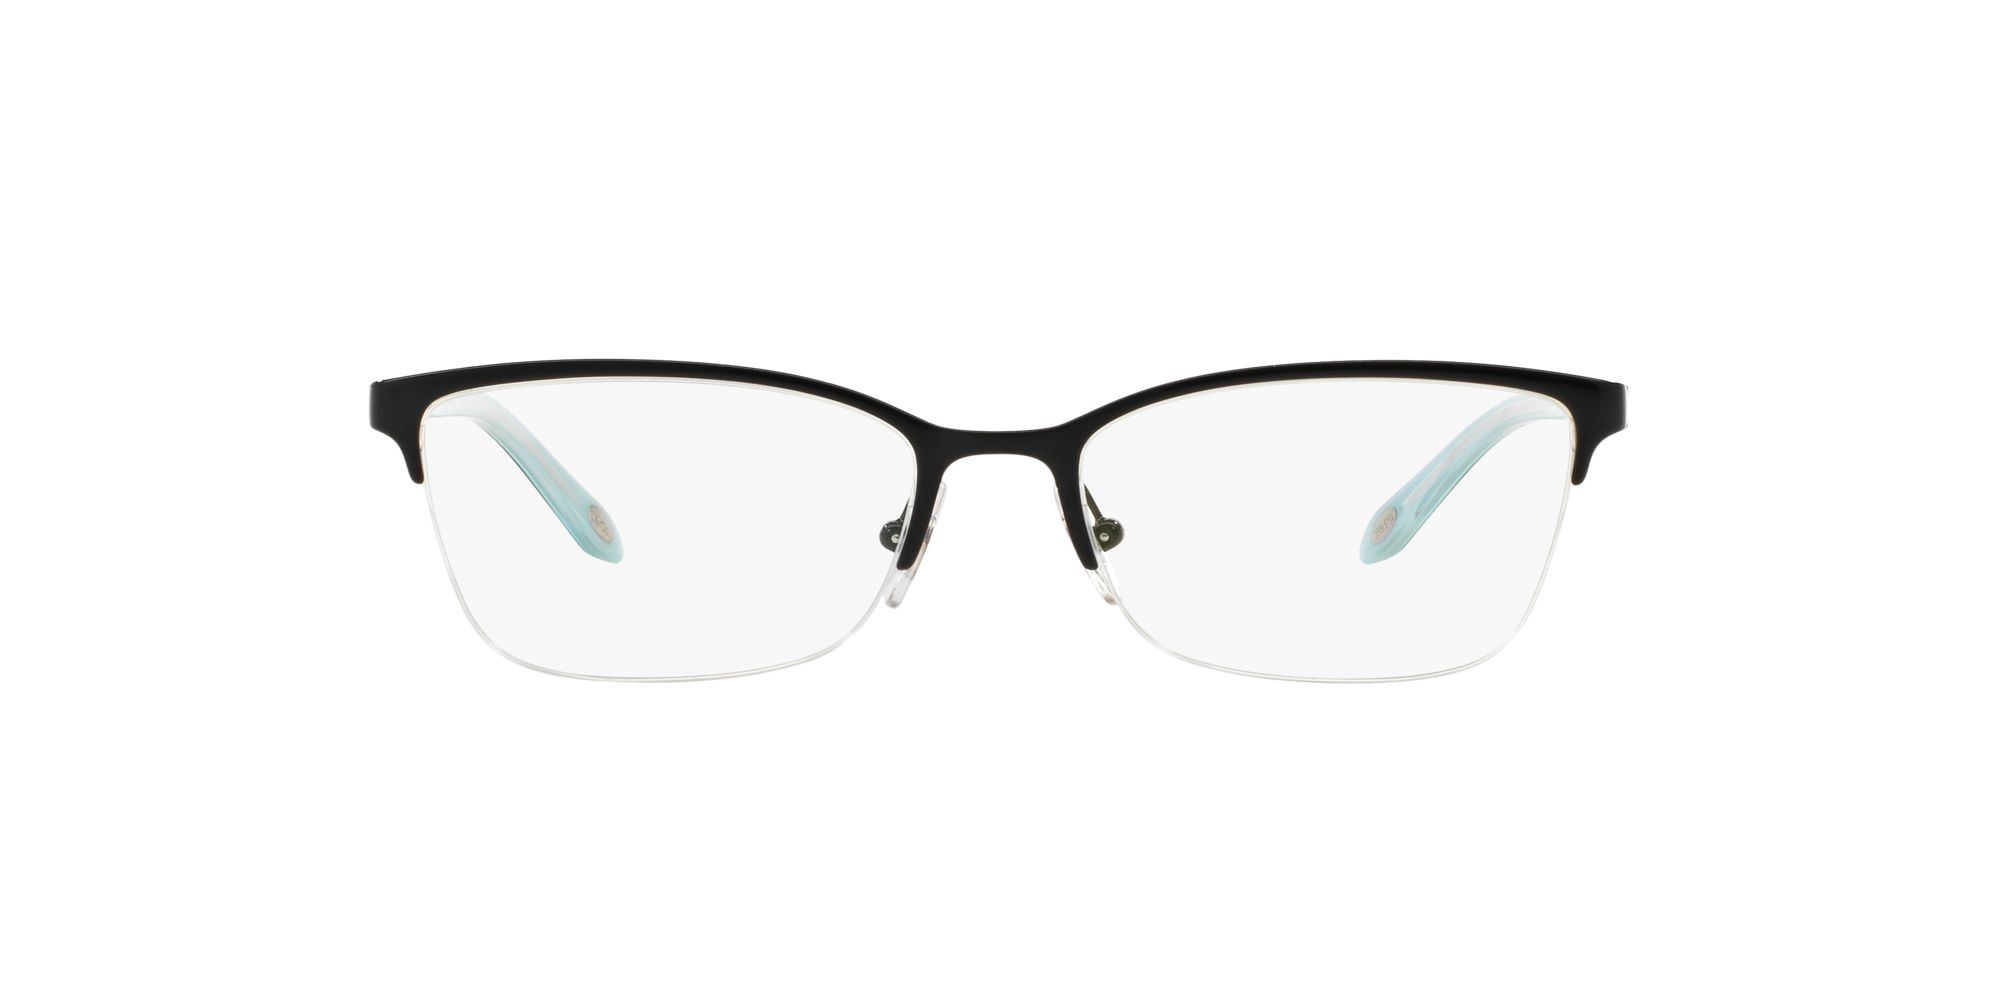 Imagen para TF1111B de LensCrafters |  Espejuelos, espejuelos graduados en línea, gafas